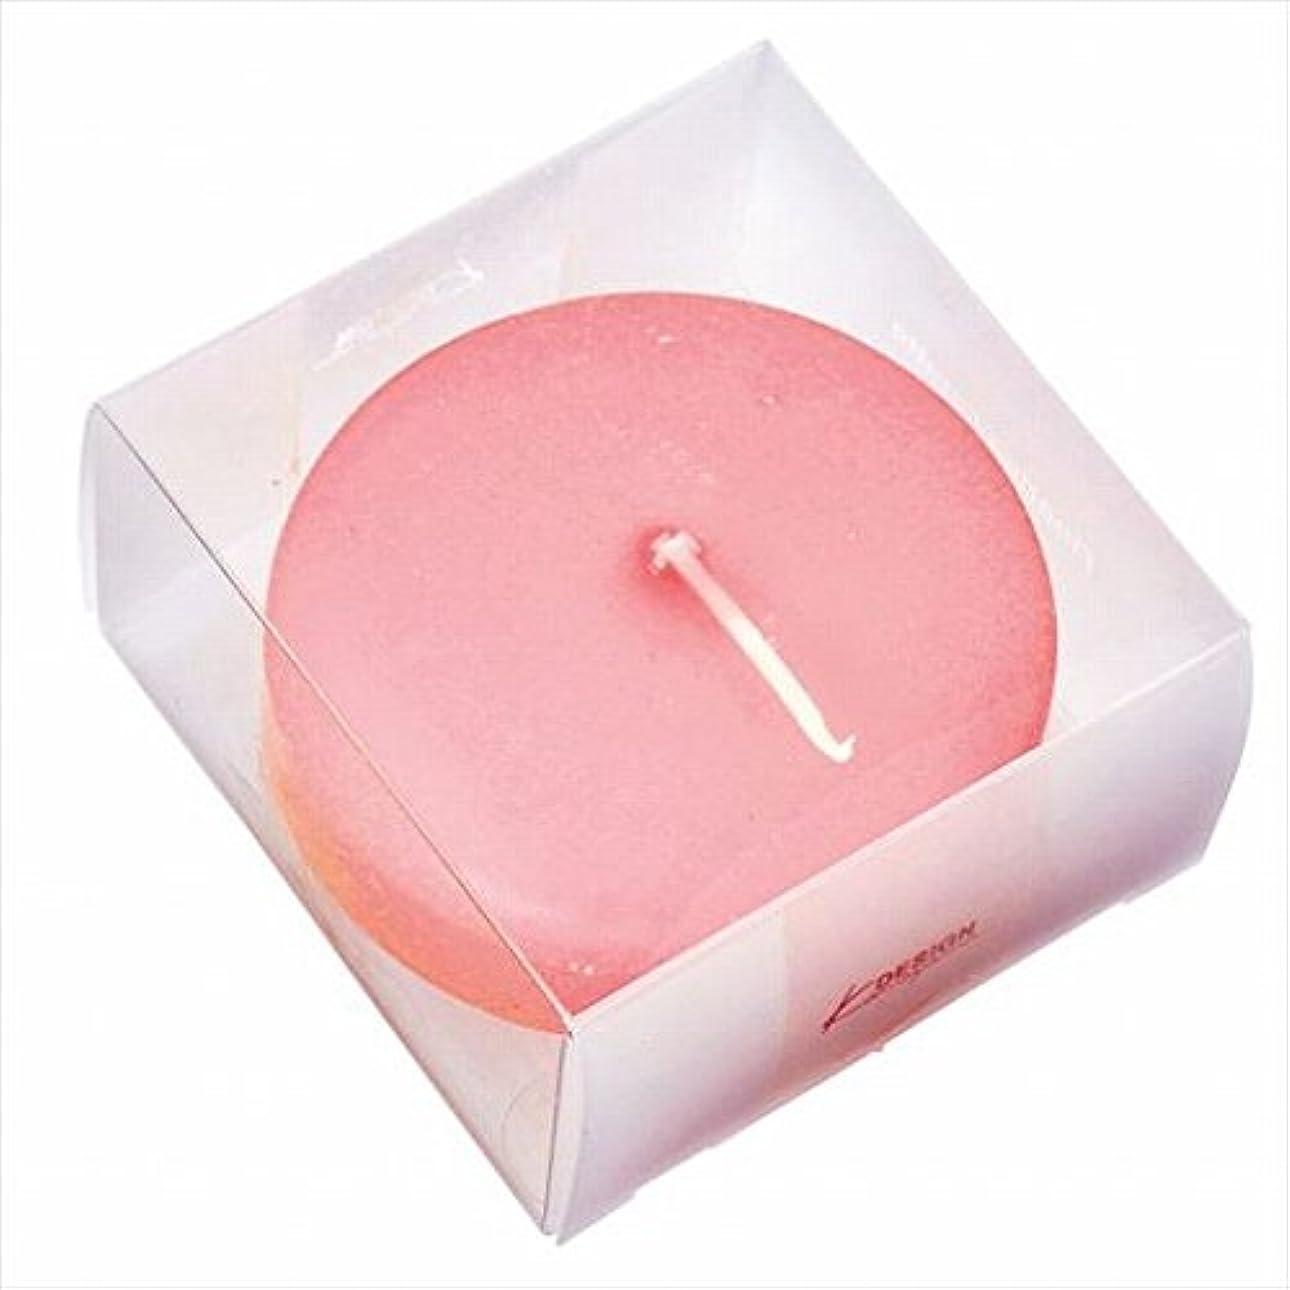 何もない支払いラベルカメヤマキャンドル(kameyama candle) プール80(箱入り) 「 ピーチアンバ 」